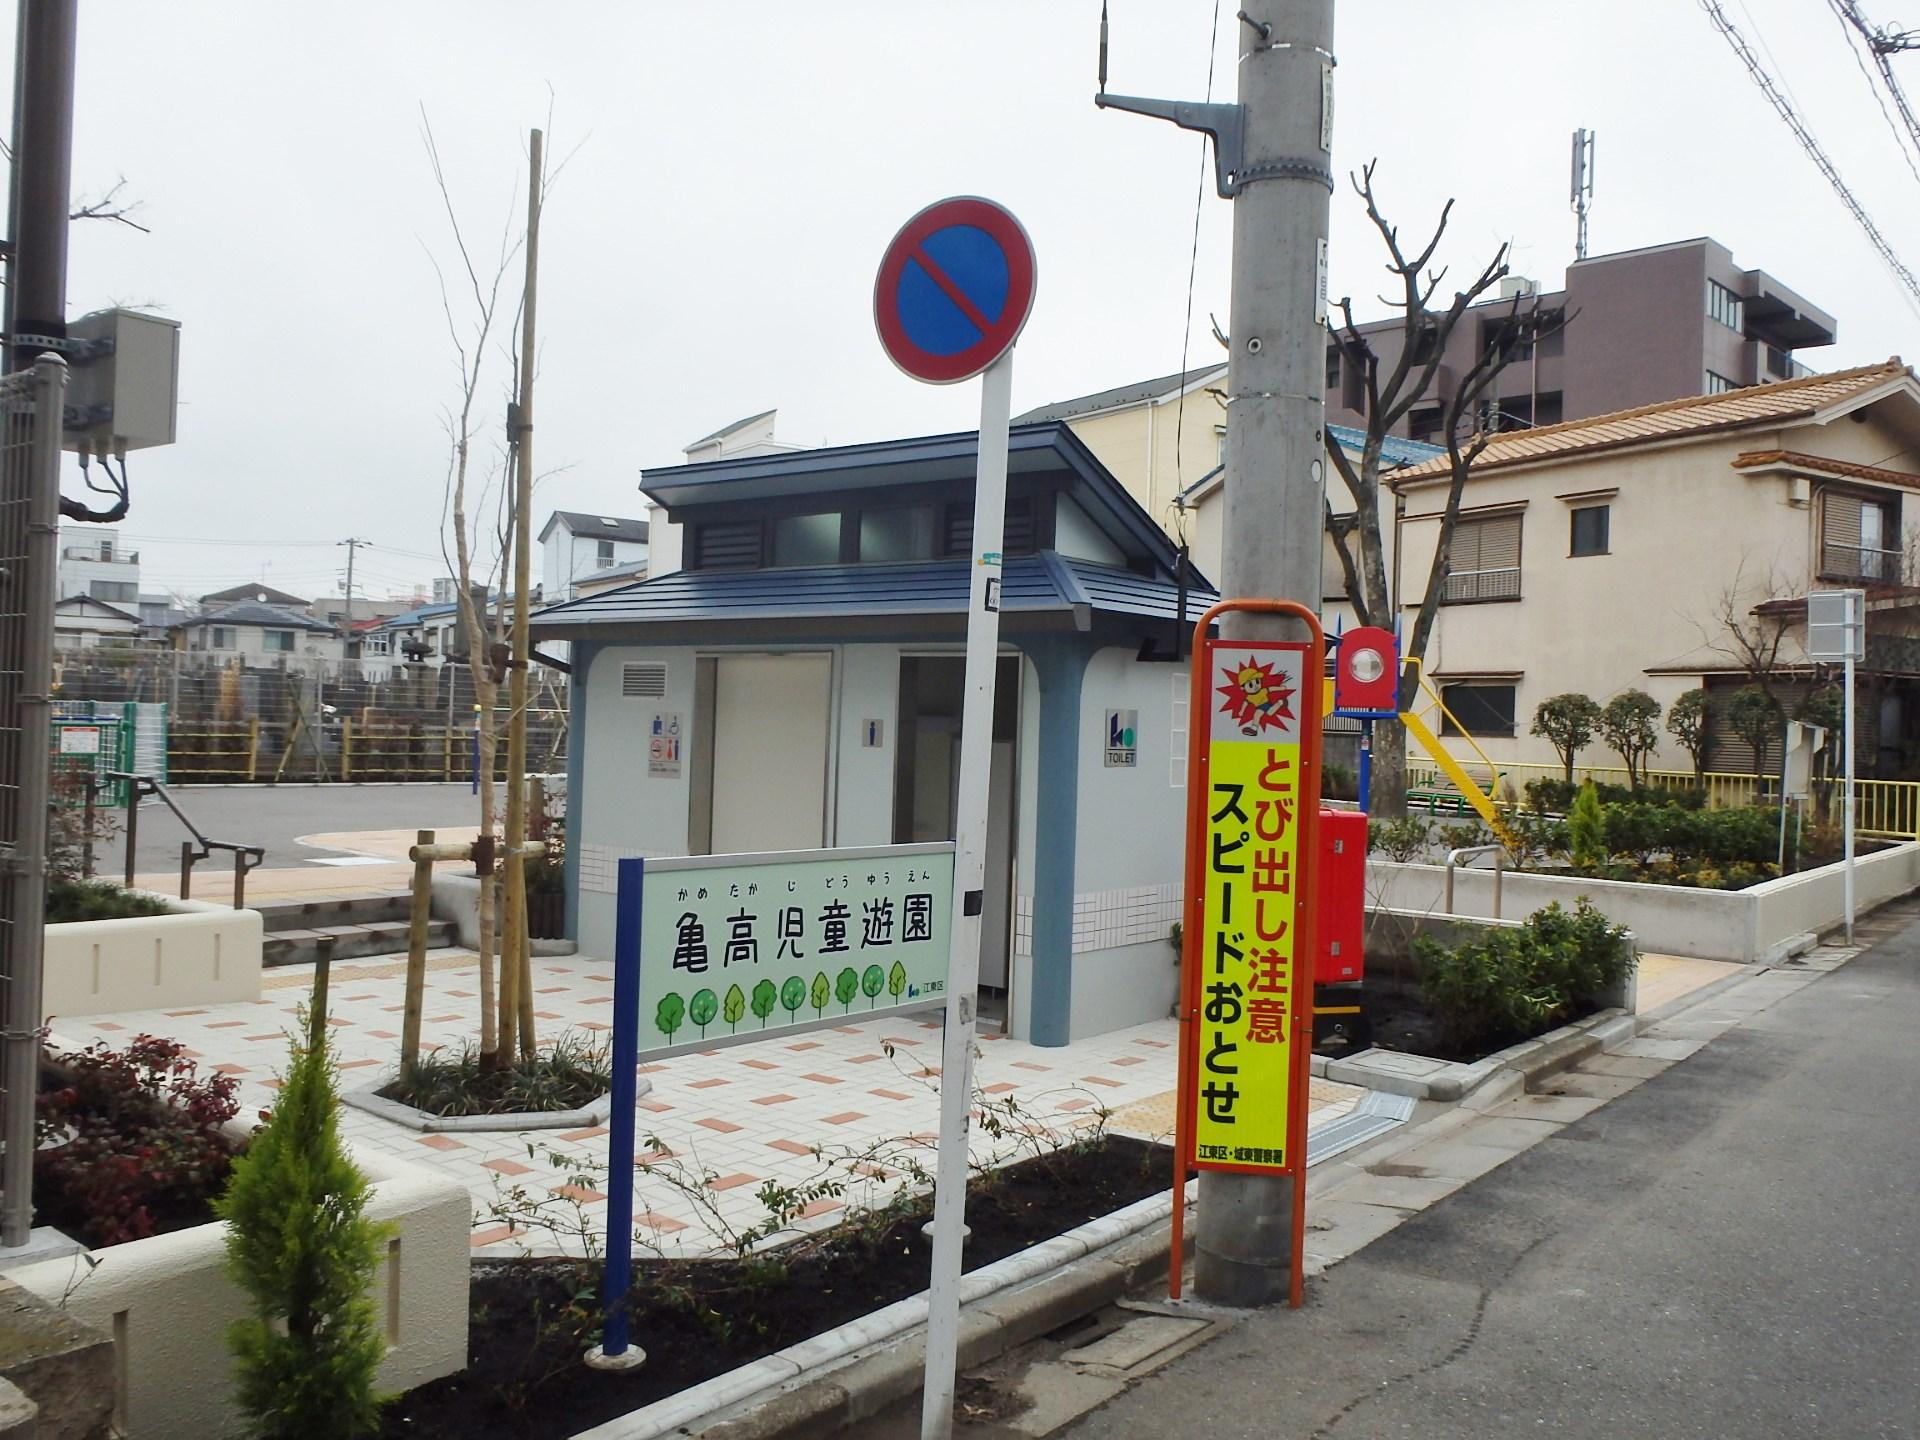 H27年3月竣功 亀高児童遊園改修工事及び公衆便所改築工事